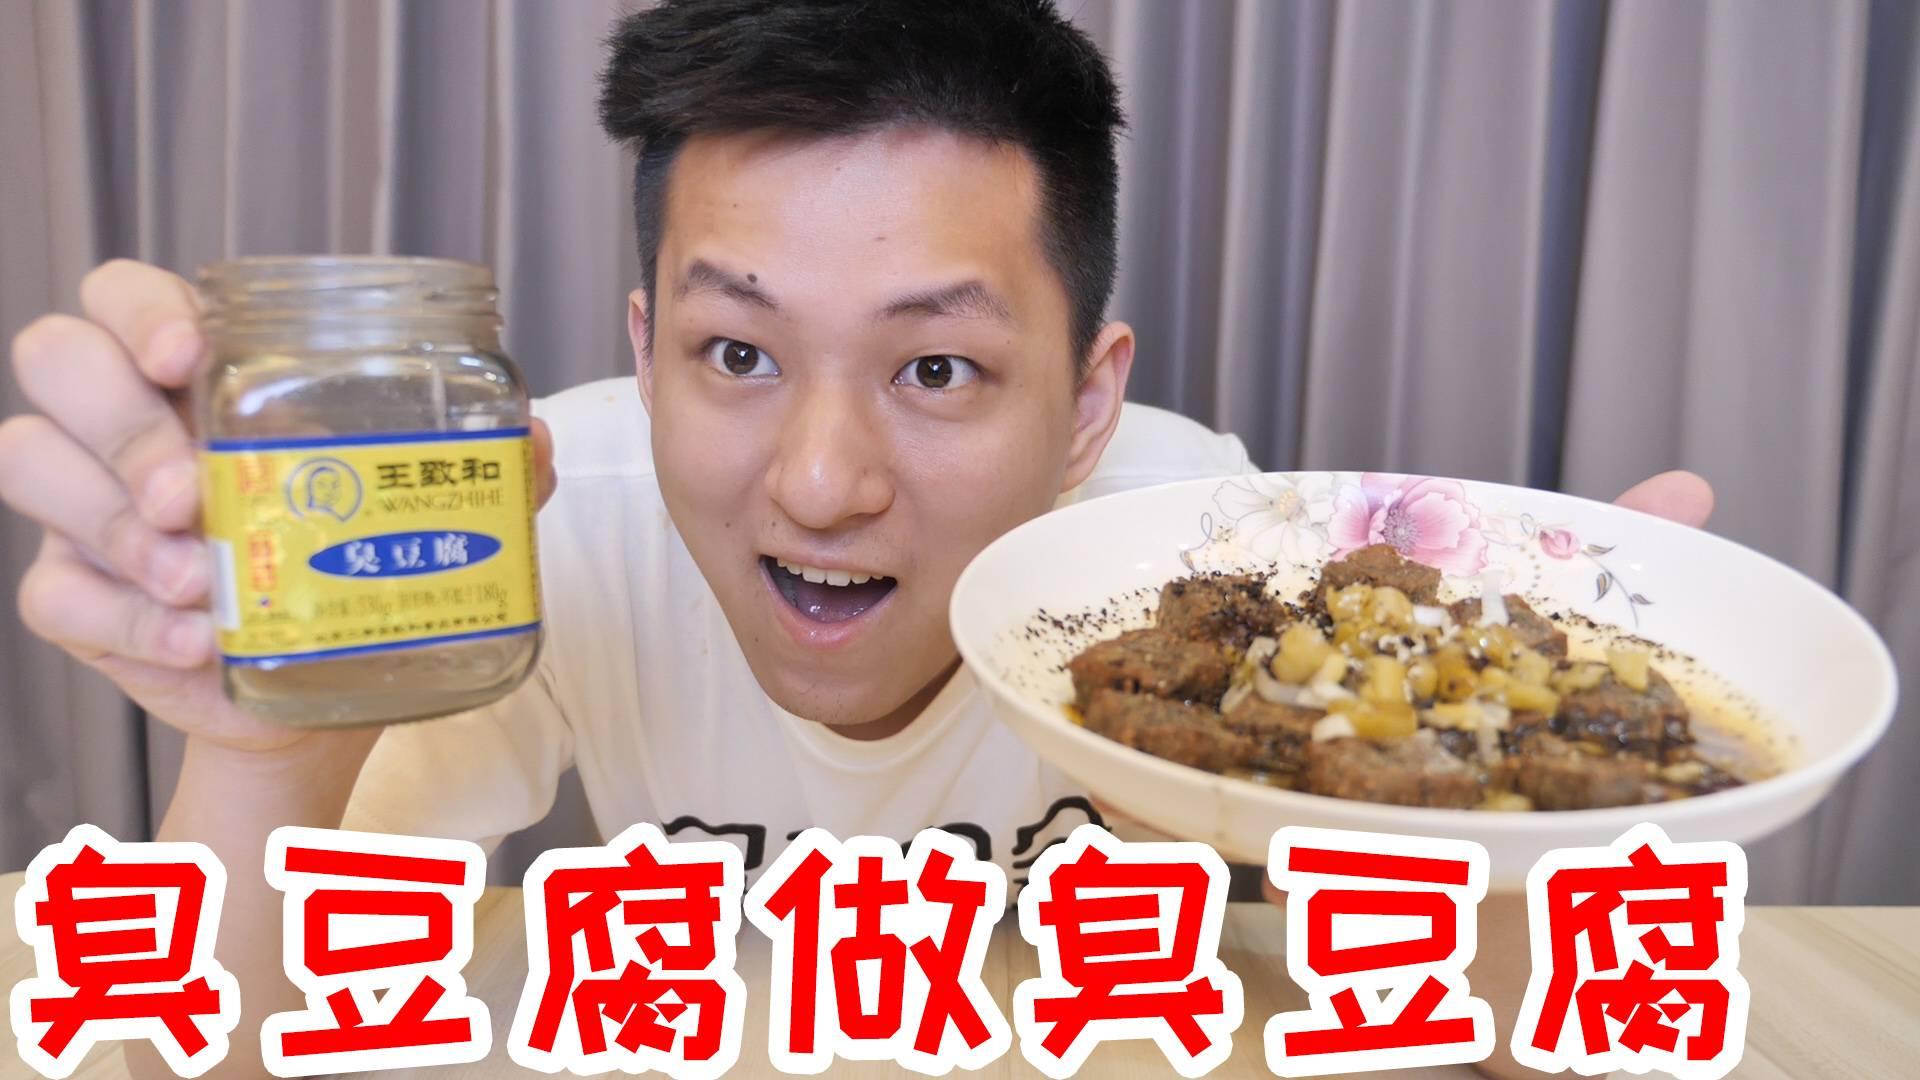 把王致和臭豆腐做成街边臭豆腐!臭上加臭会更好吃吗?